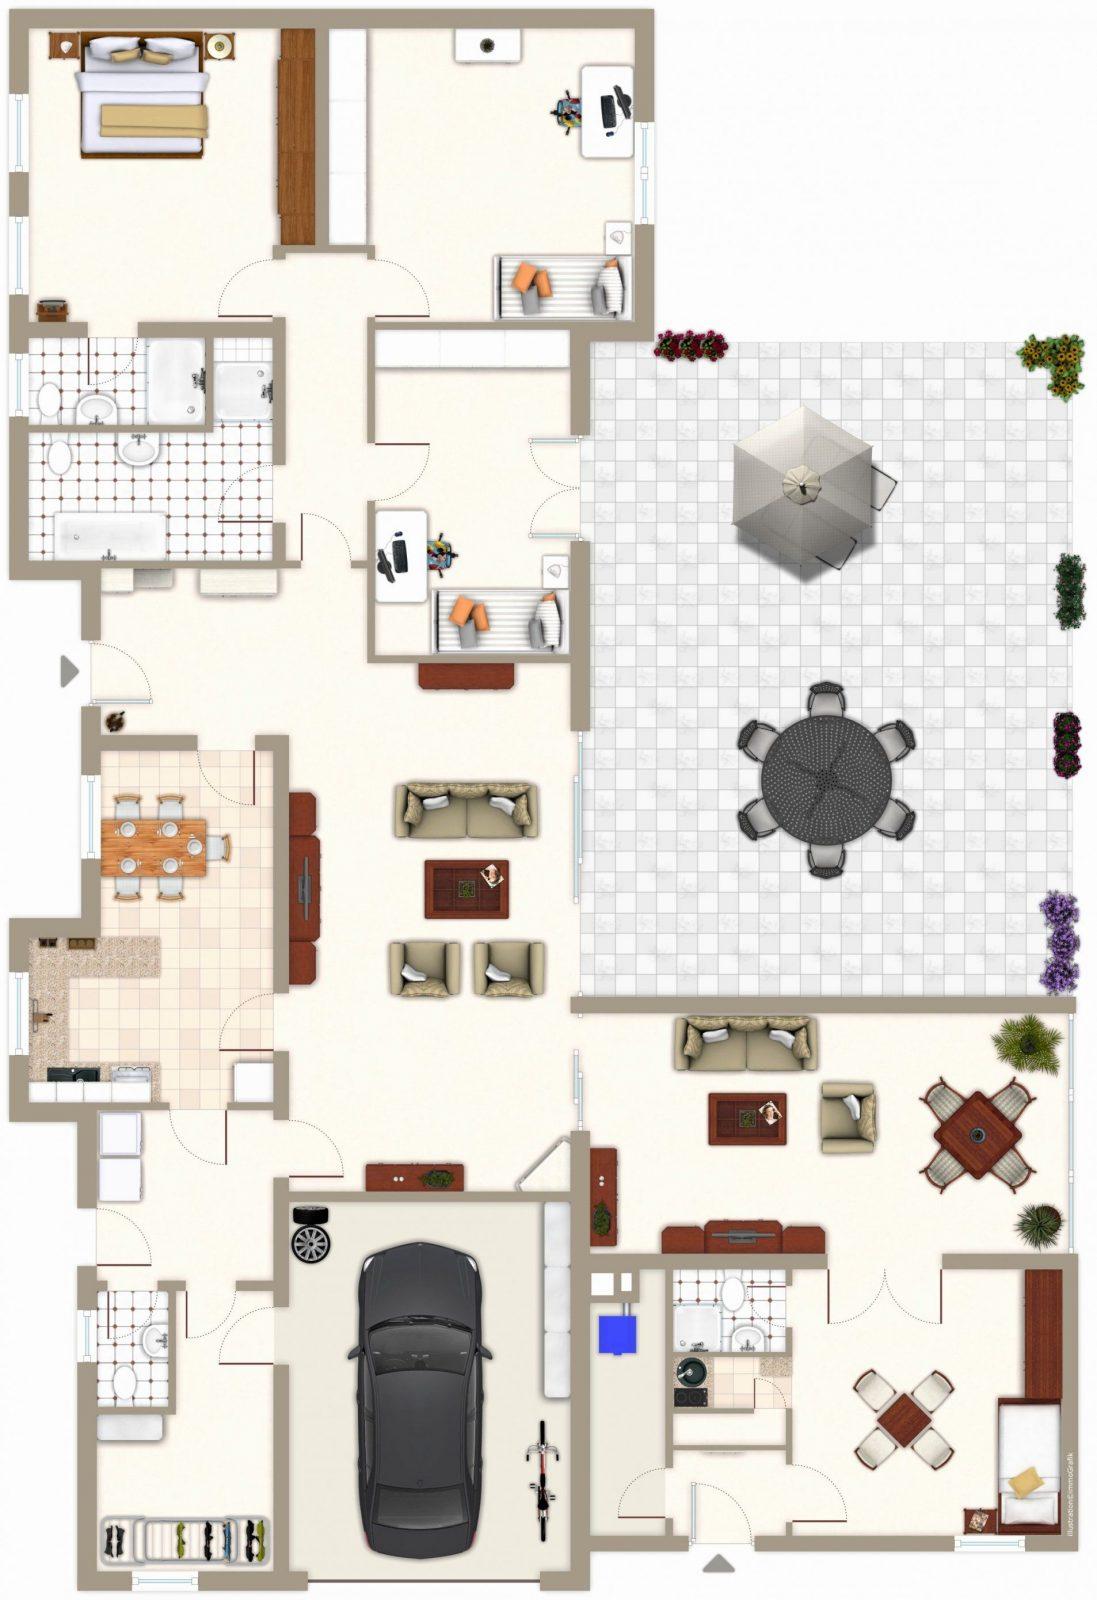 Grundriss Bungalow 120 Qm Mit Garage Luxus Grundriss Bungalow 5 von Grundriss Bungalow 120 Qm Mit Garage Bild